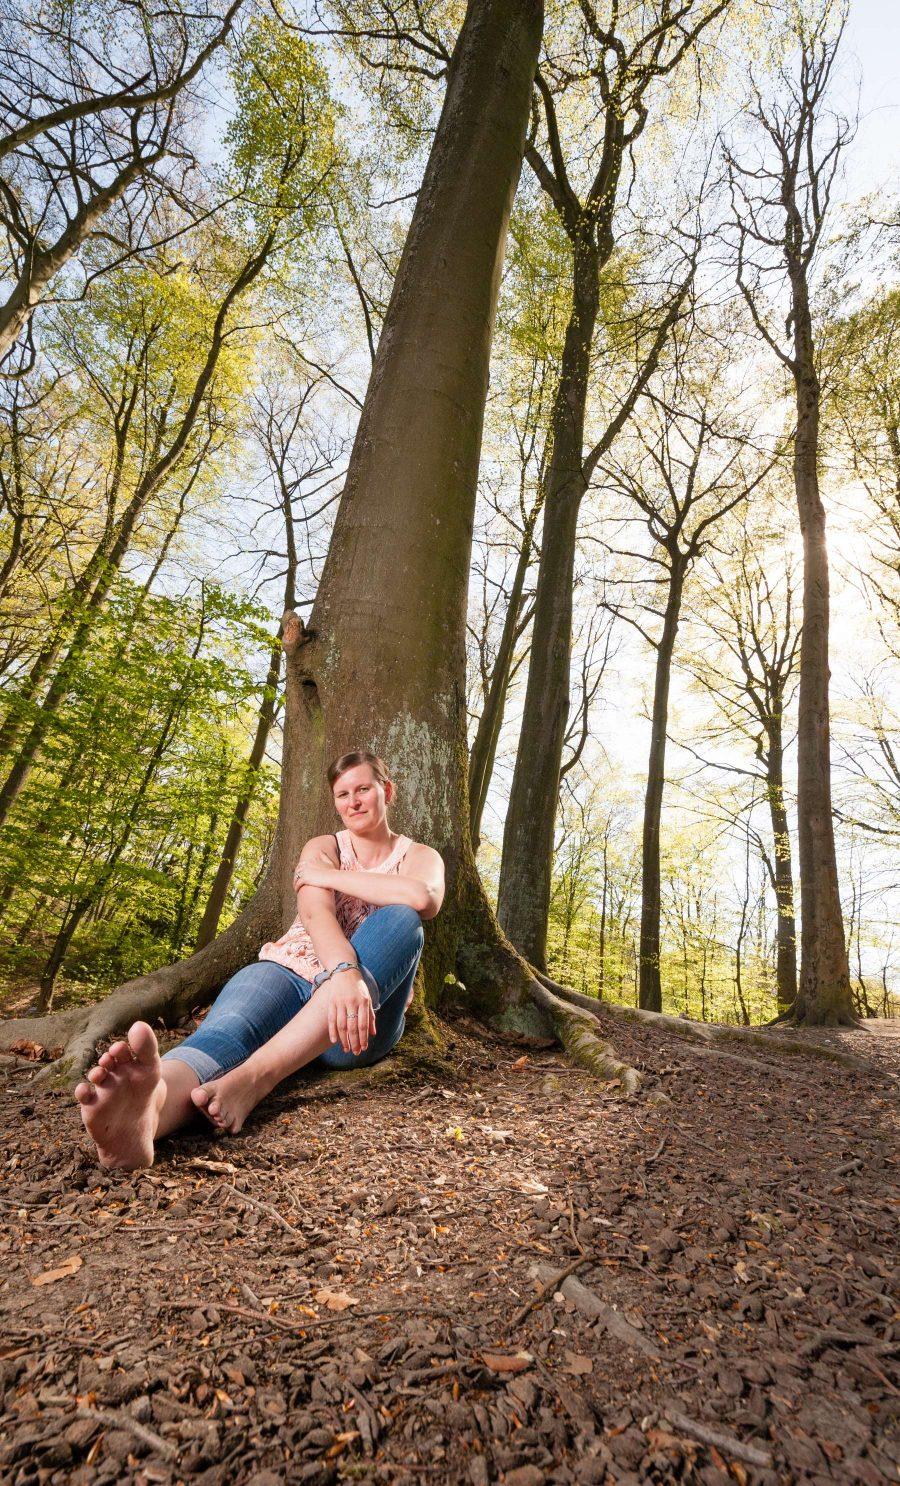 Personenfotograf Essen - naturverbundene junge Frau posiert barfuß umgeben von Bäumen bei einem Frühlings-Fotoshooting in der Margarethenhöhe inmitten der Stadt Essen